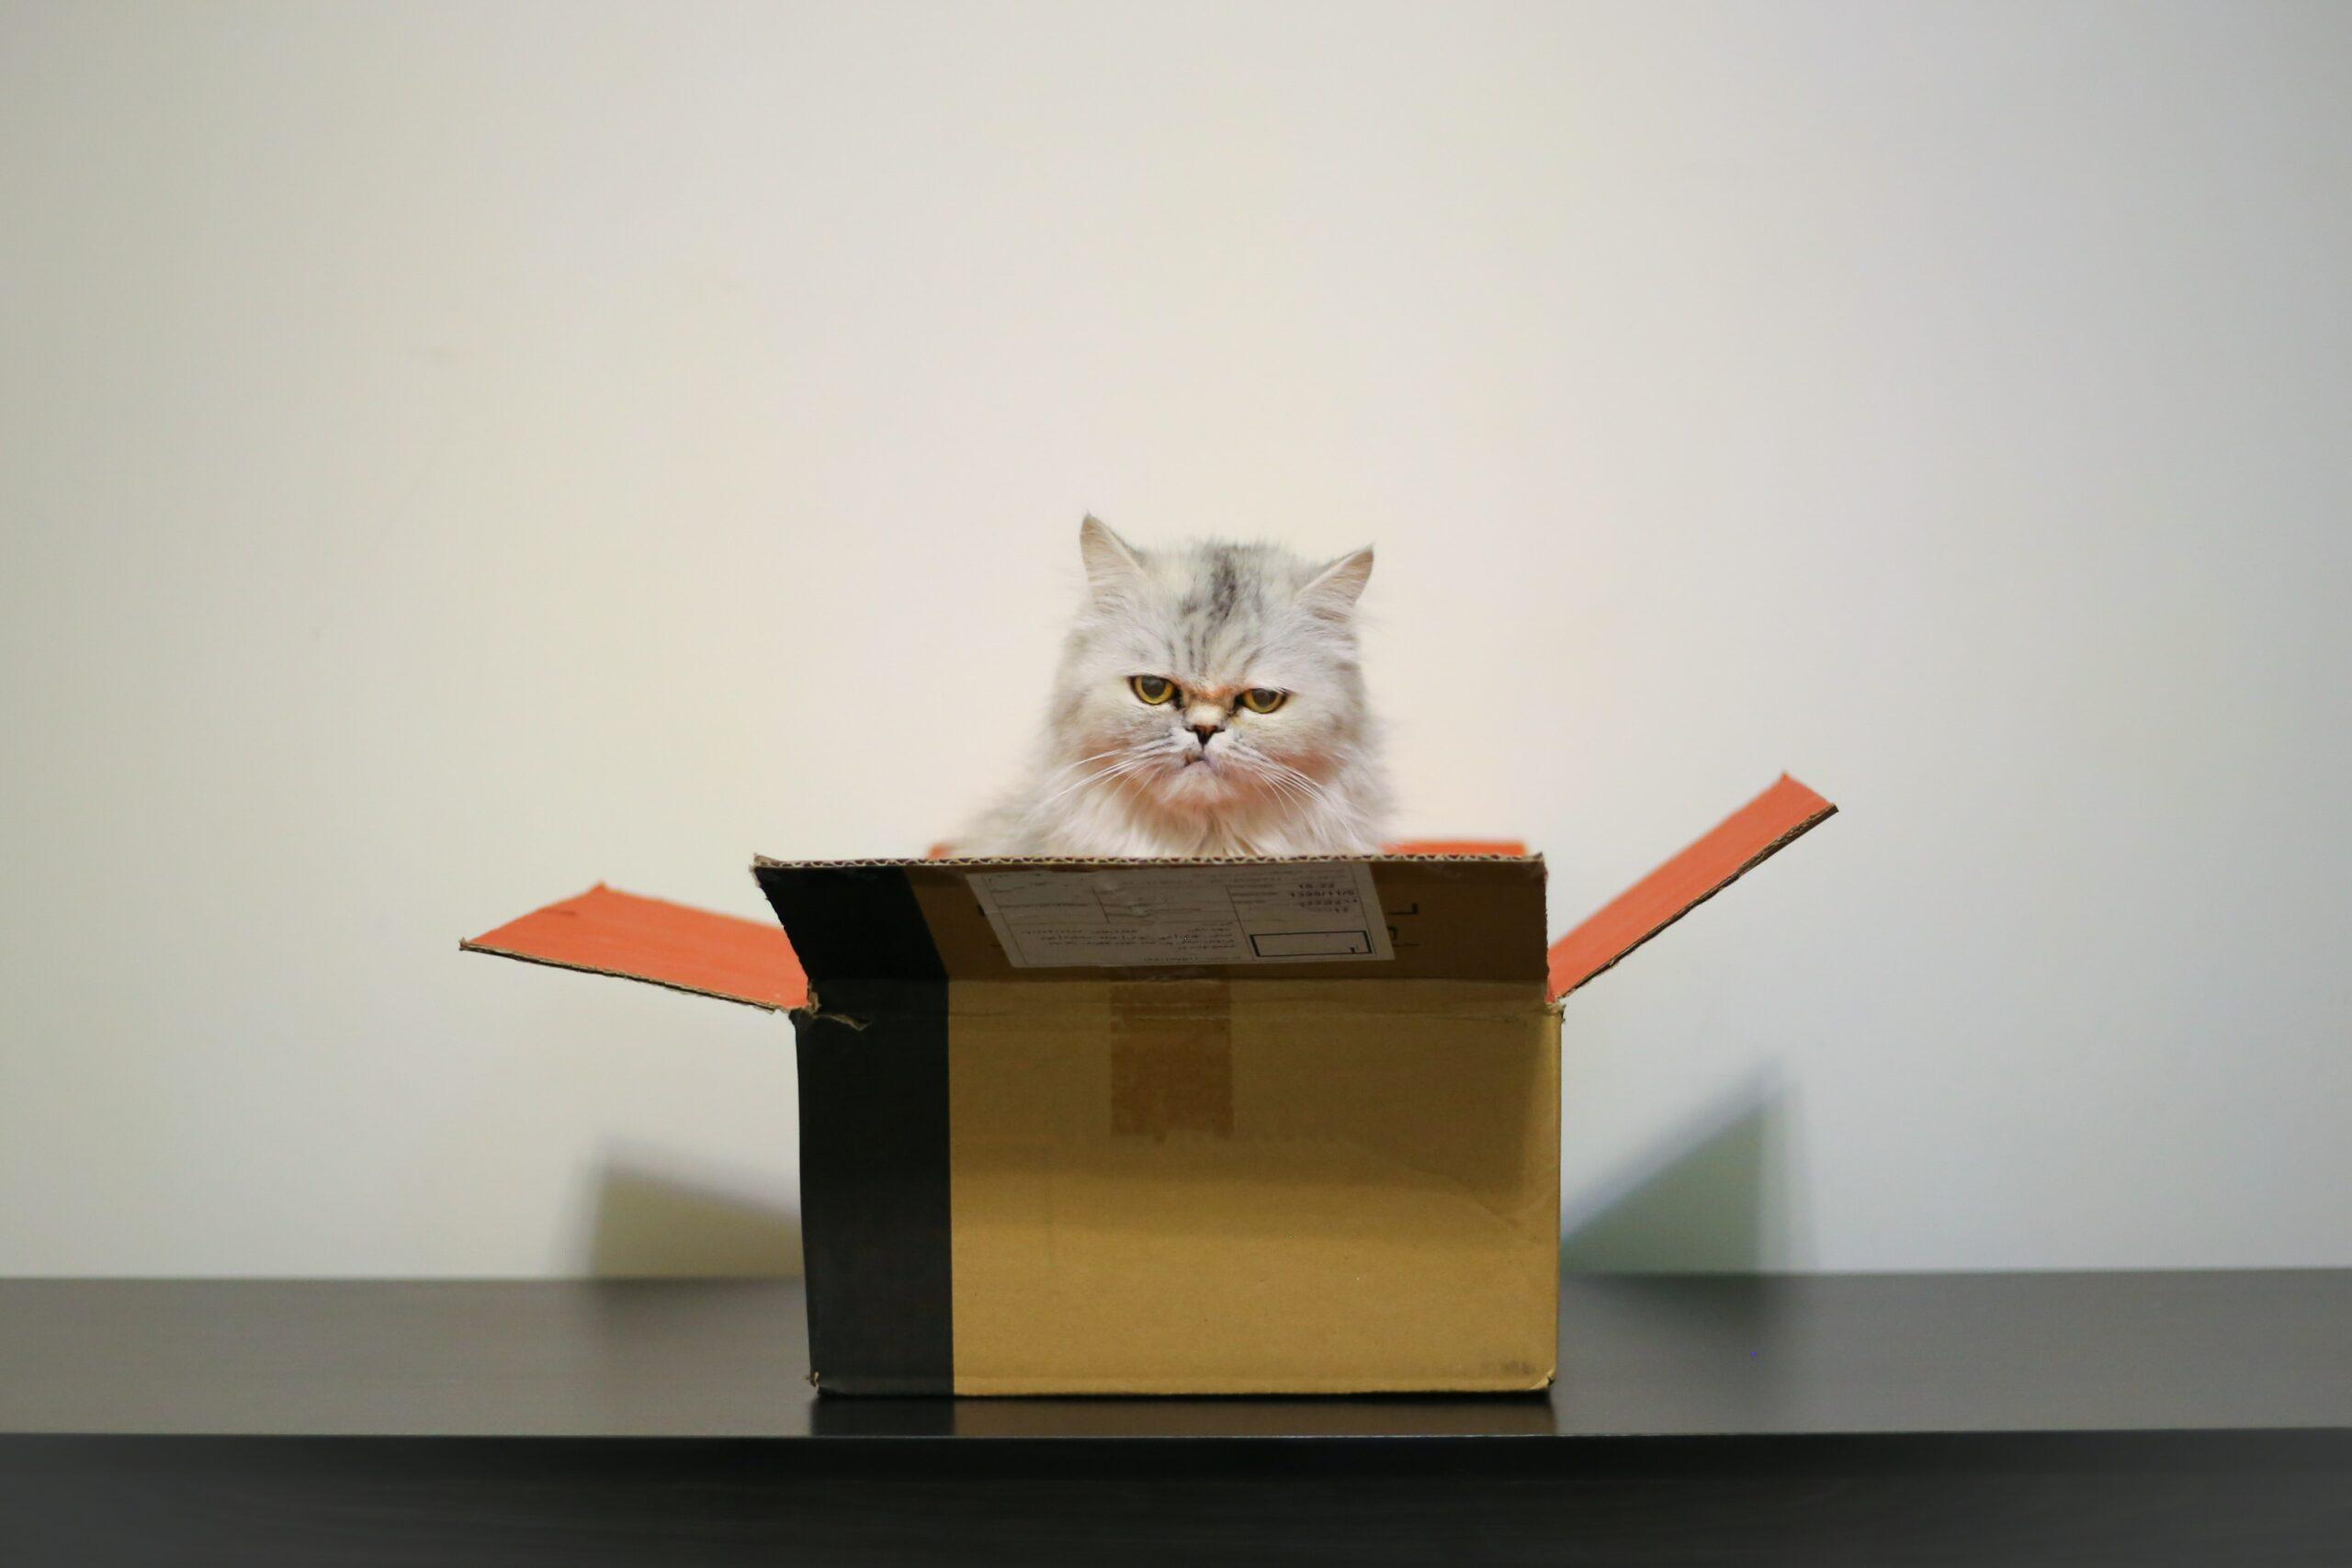 Wysyłka żywych zwierząt kurierem. Które zwierzęta można wysłać w paczce?